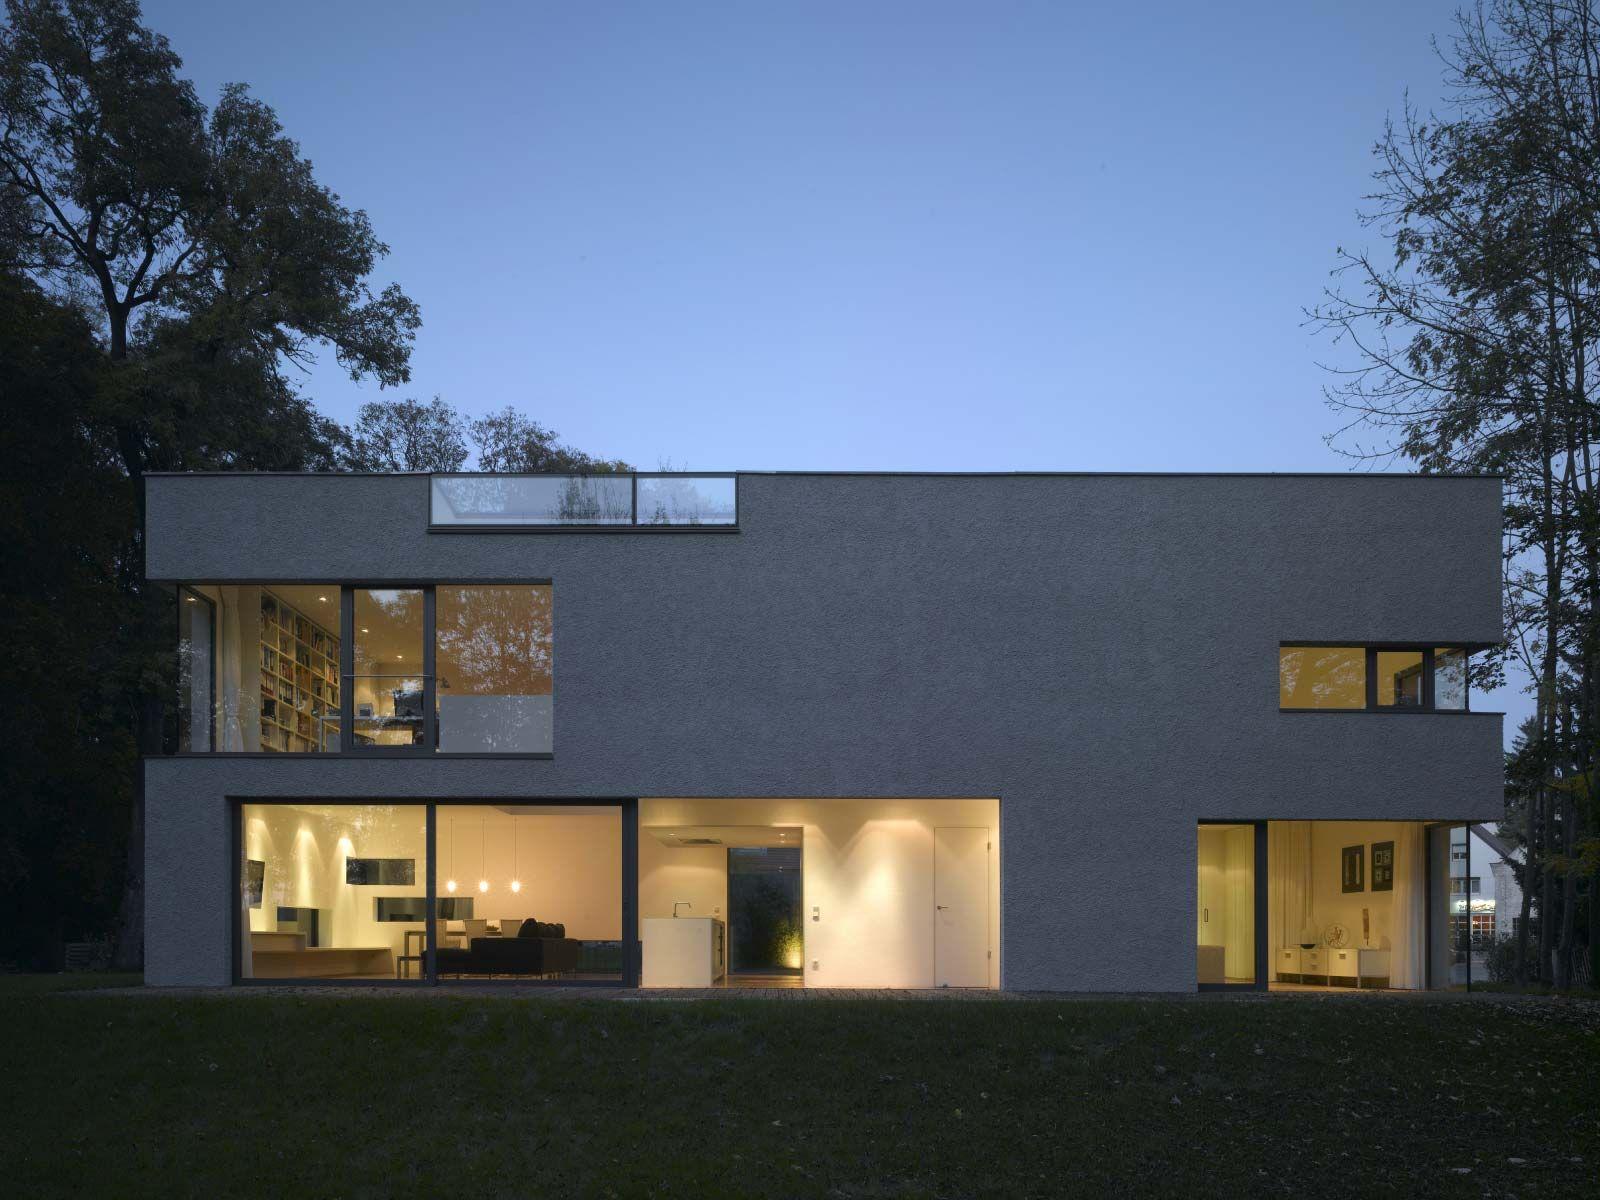 Titus Bernhard Architekten | Haus | Pinterest | Architektur und Häuschen